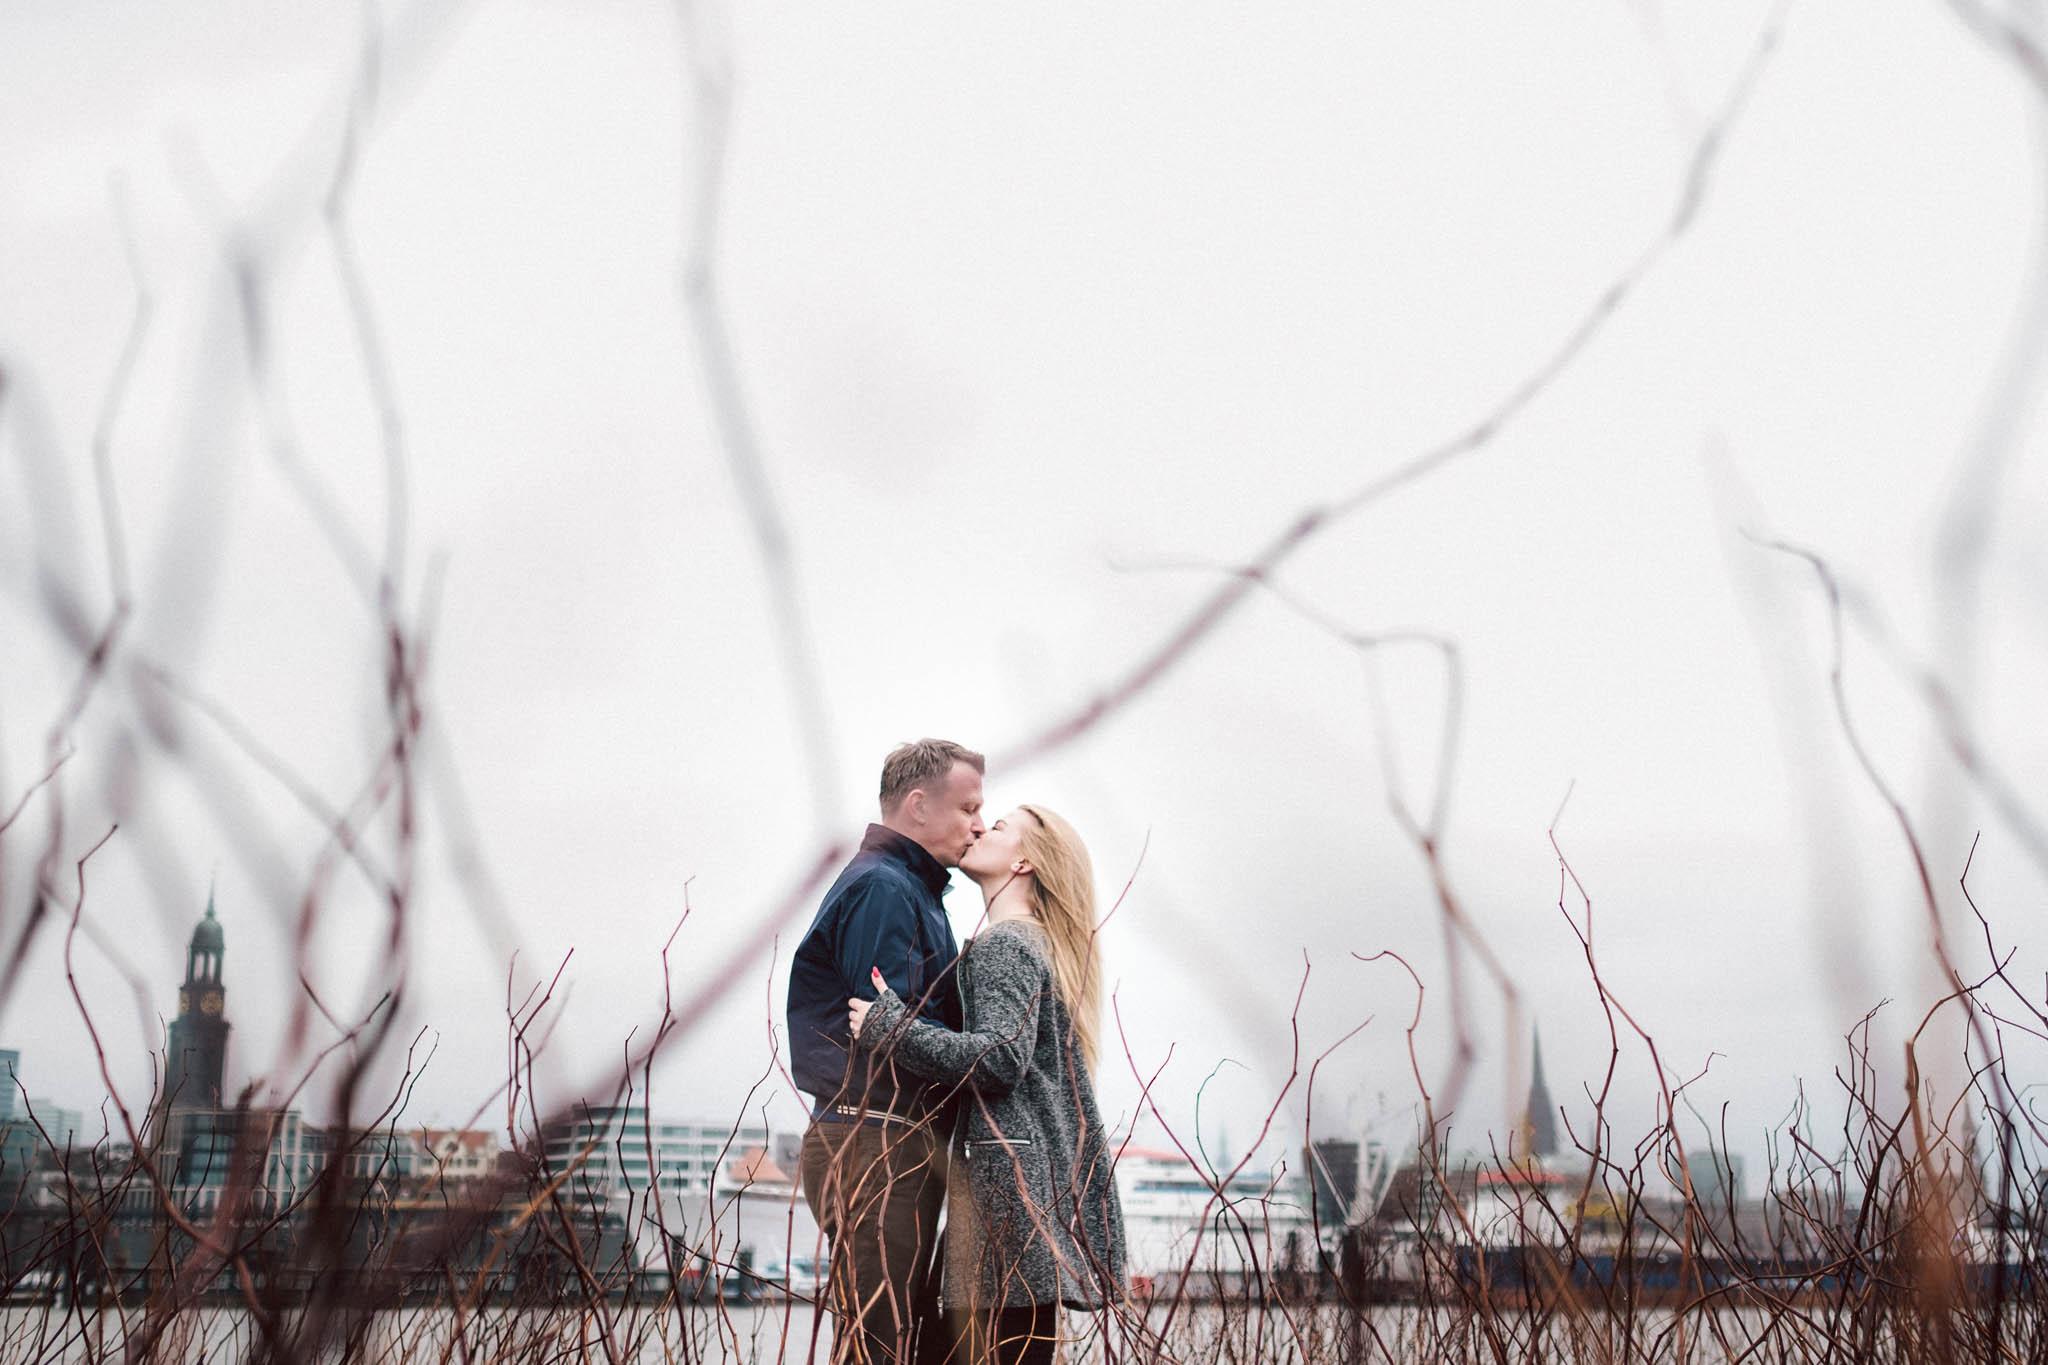 Engagementshooting, Hochzeitsfieber by Photo-Schomburg, Pärchenshoot, Hamburg, Elbe, Hamburger Hafen, Hochzeitsfotograf, Wedding, Coupleshoot, Hochzeitsfotografie-9